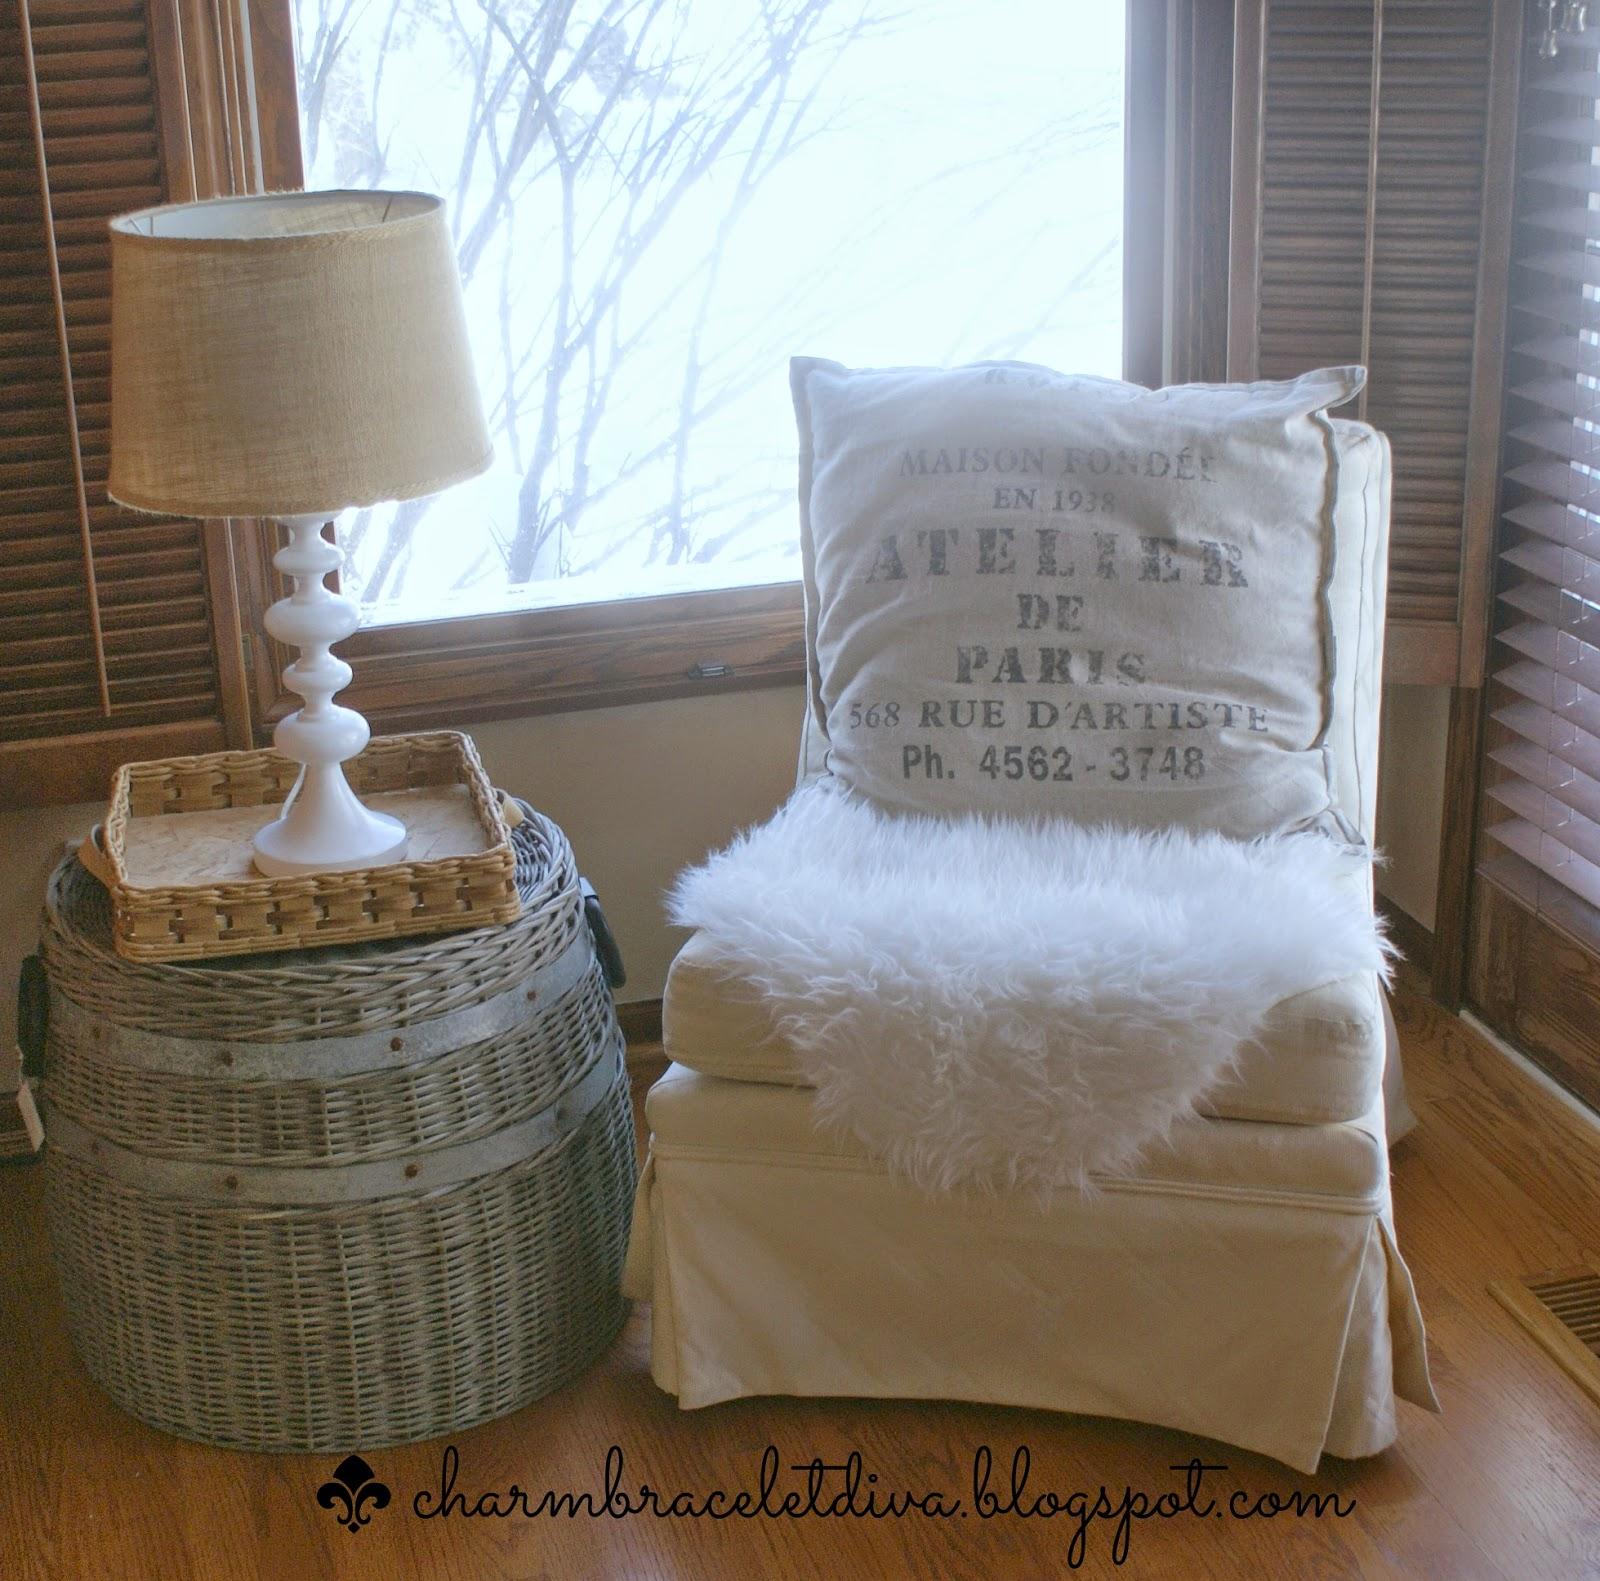 Atelier de Paris pillow